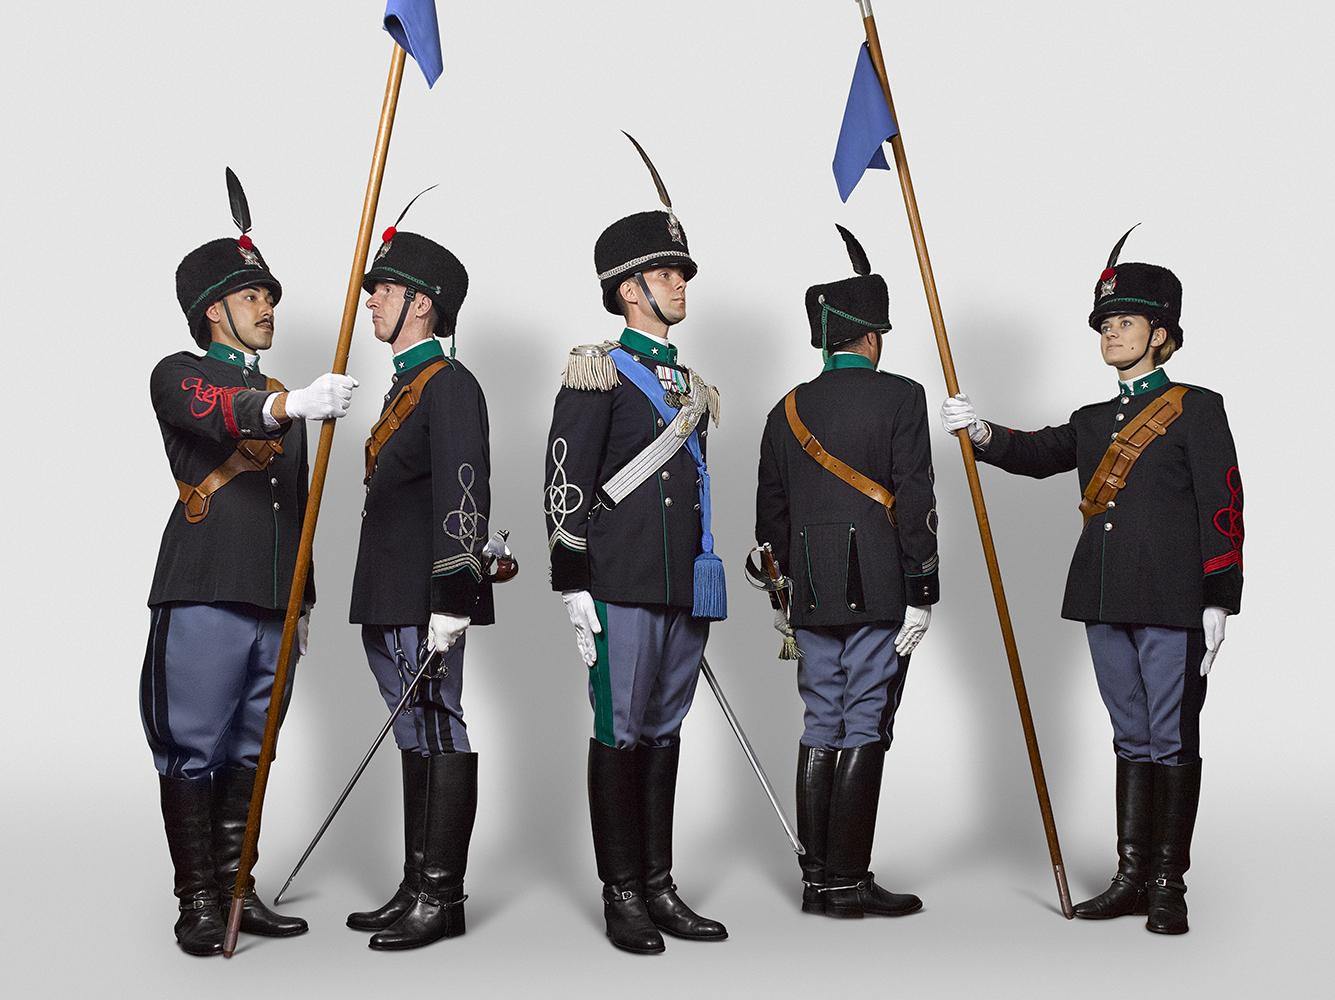 Starting from left: 1^ Caporal Maggiore, Maresciallo Capo, Tenente, Maresciallo Capo, Lanciere (Rory Lewis Photographer) Rome 2018